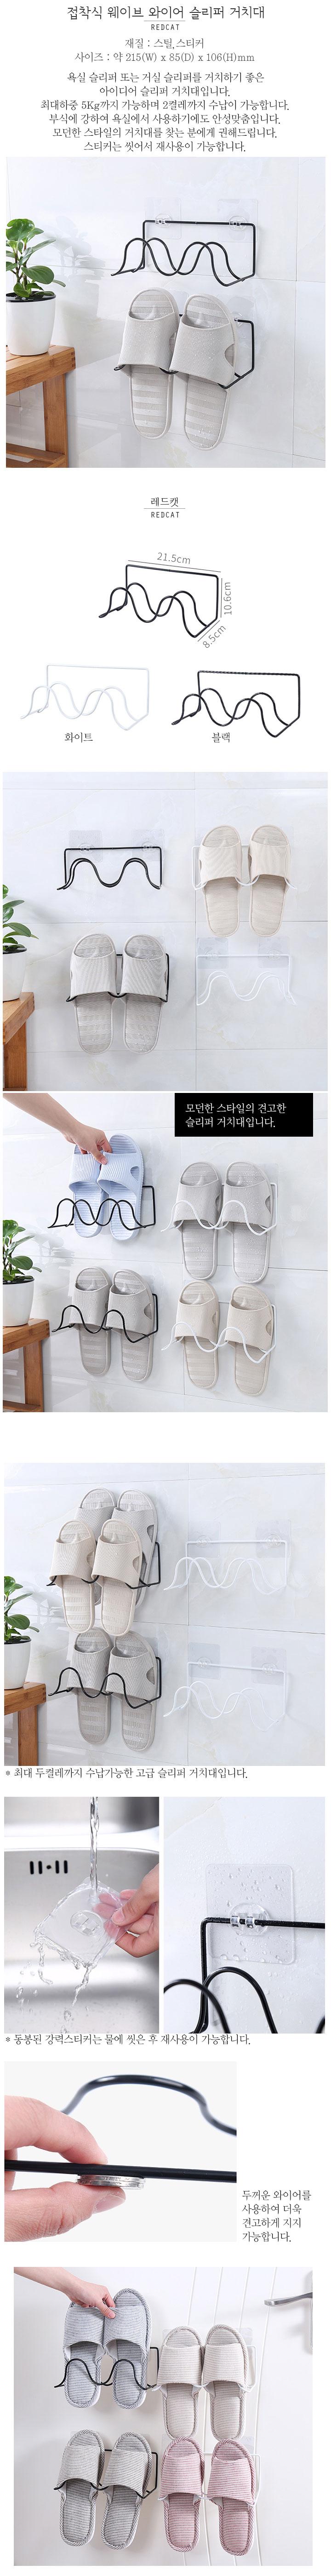 접착식 웨이브 와이어 슬리퍼 거치대 - 네코리빙, 3,520원, 수납/선반장, 신발정리대/신발장